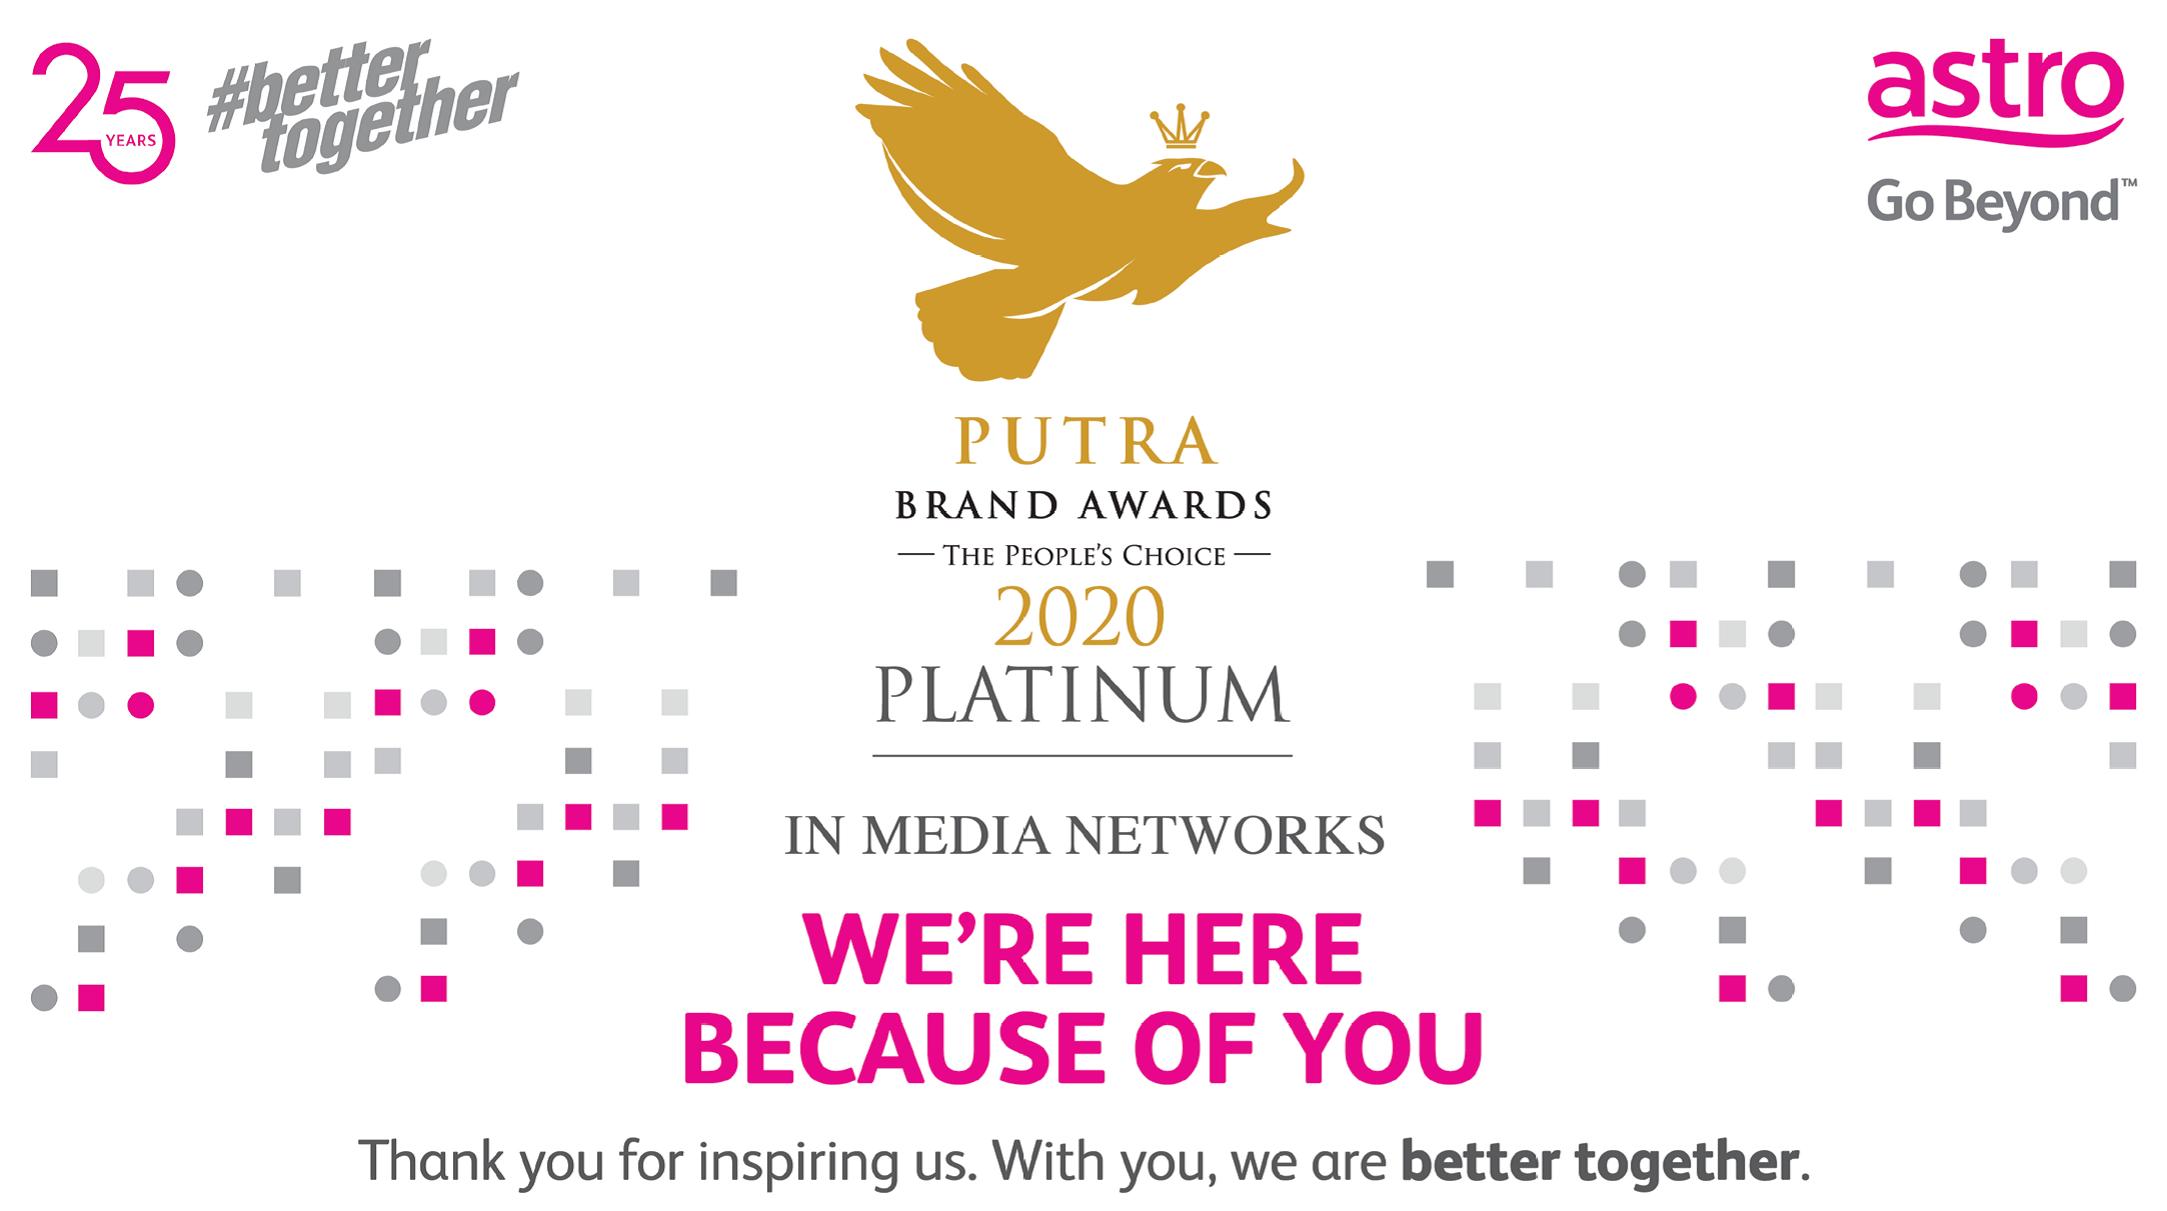 Putra Brand Awards 2020